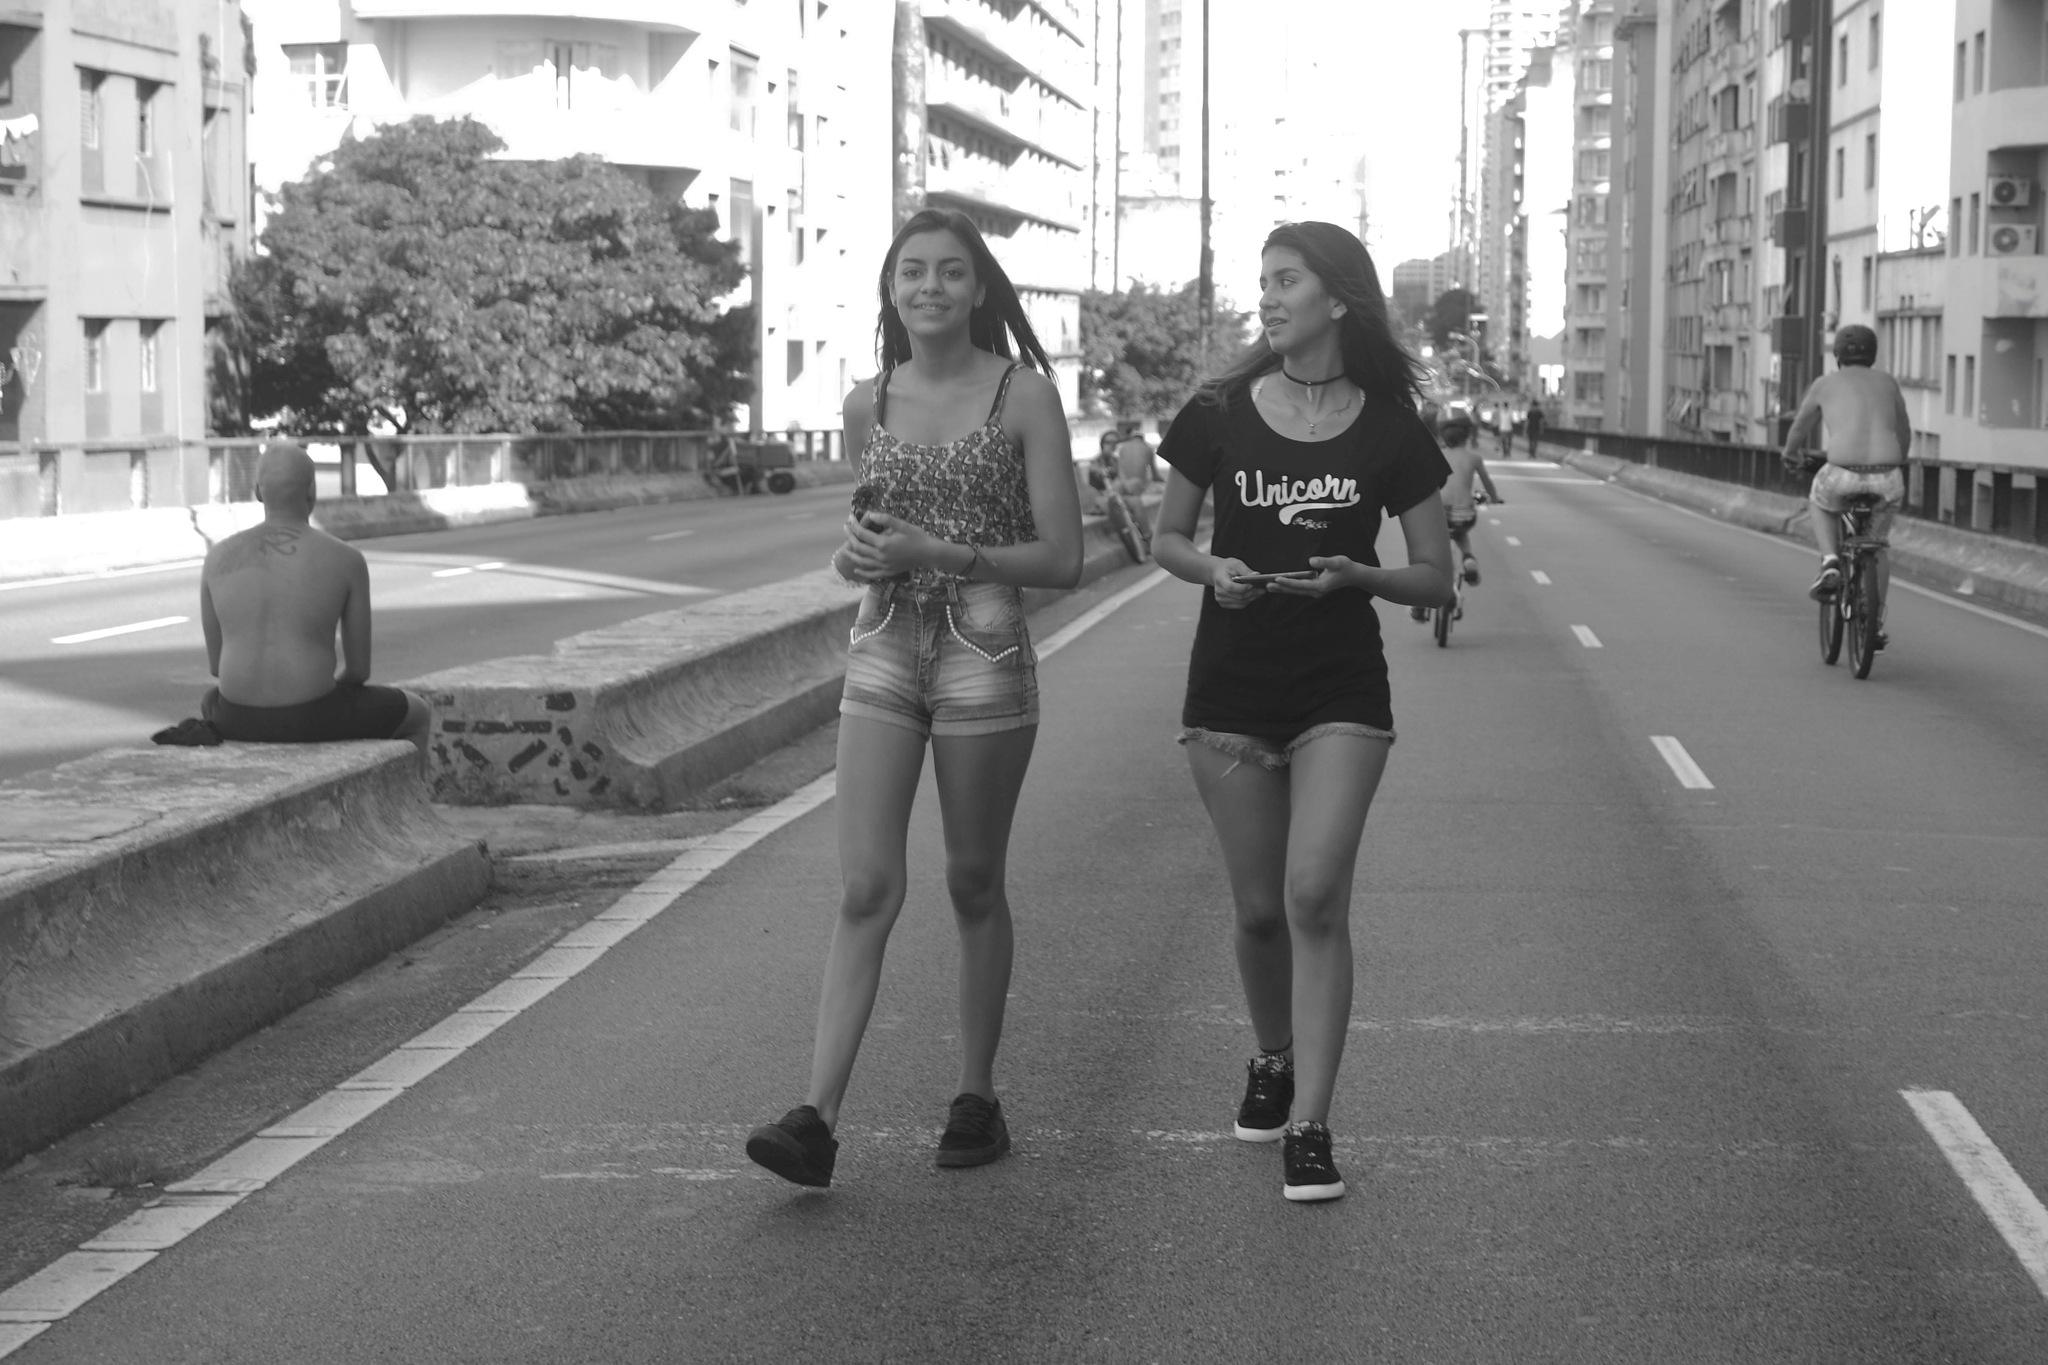 Friends by Ina Henrique Dias